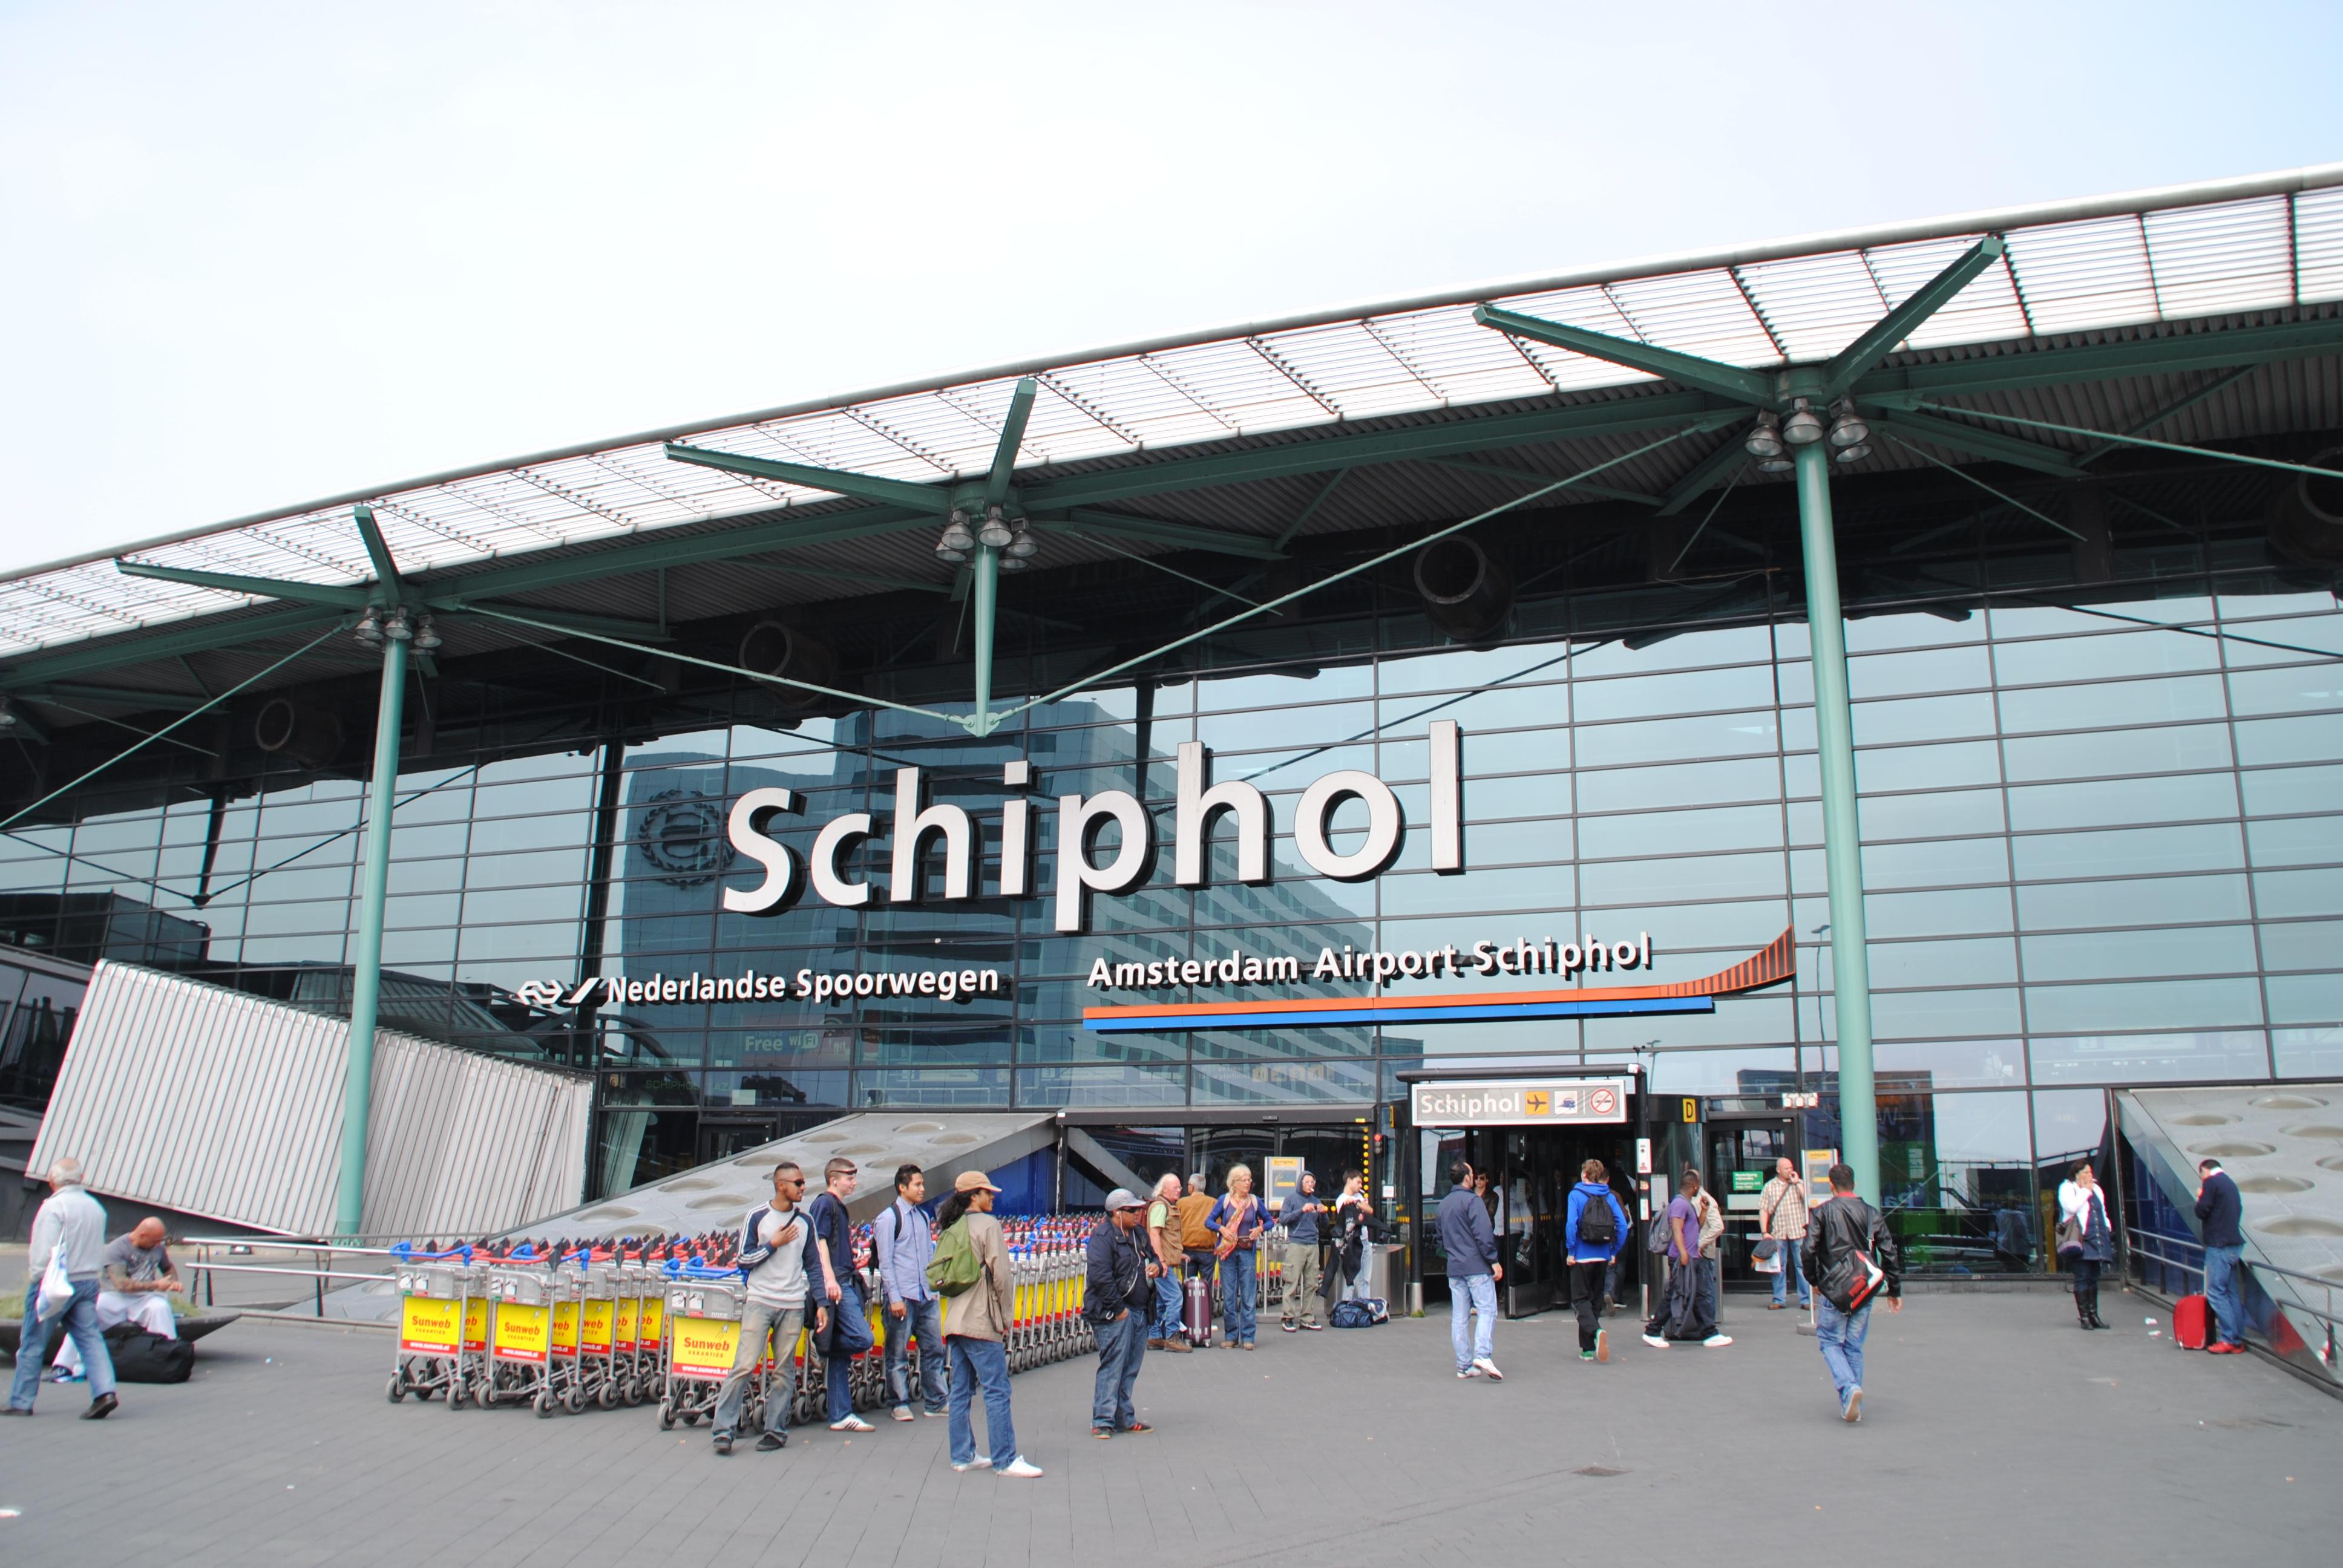 Furtună severă în Olanda. Aeroportul din Amsterdam a anulat toate zborurile. Situaţia curselor spre şi dinspre România/ IMAGINI cu oameni luaţi de vânt